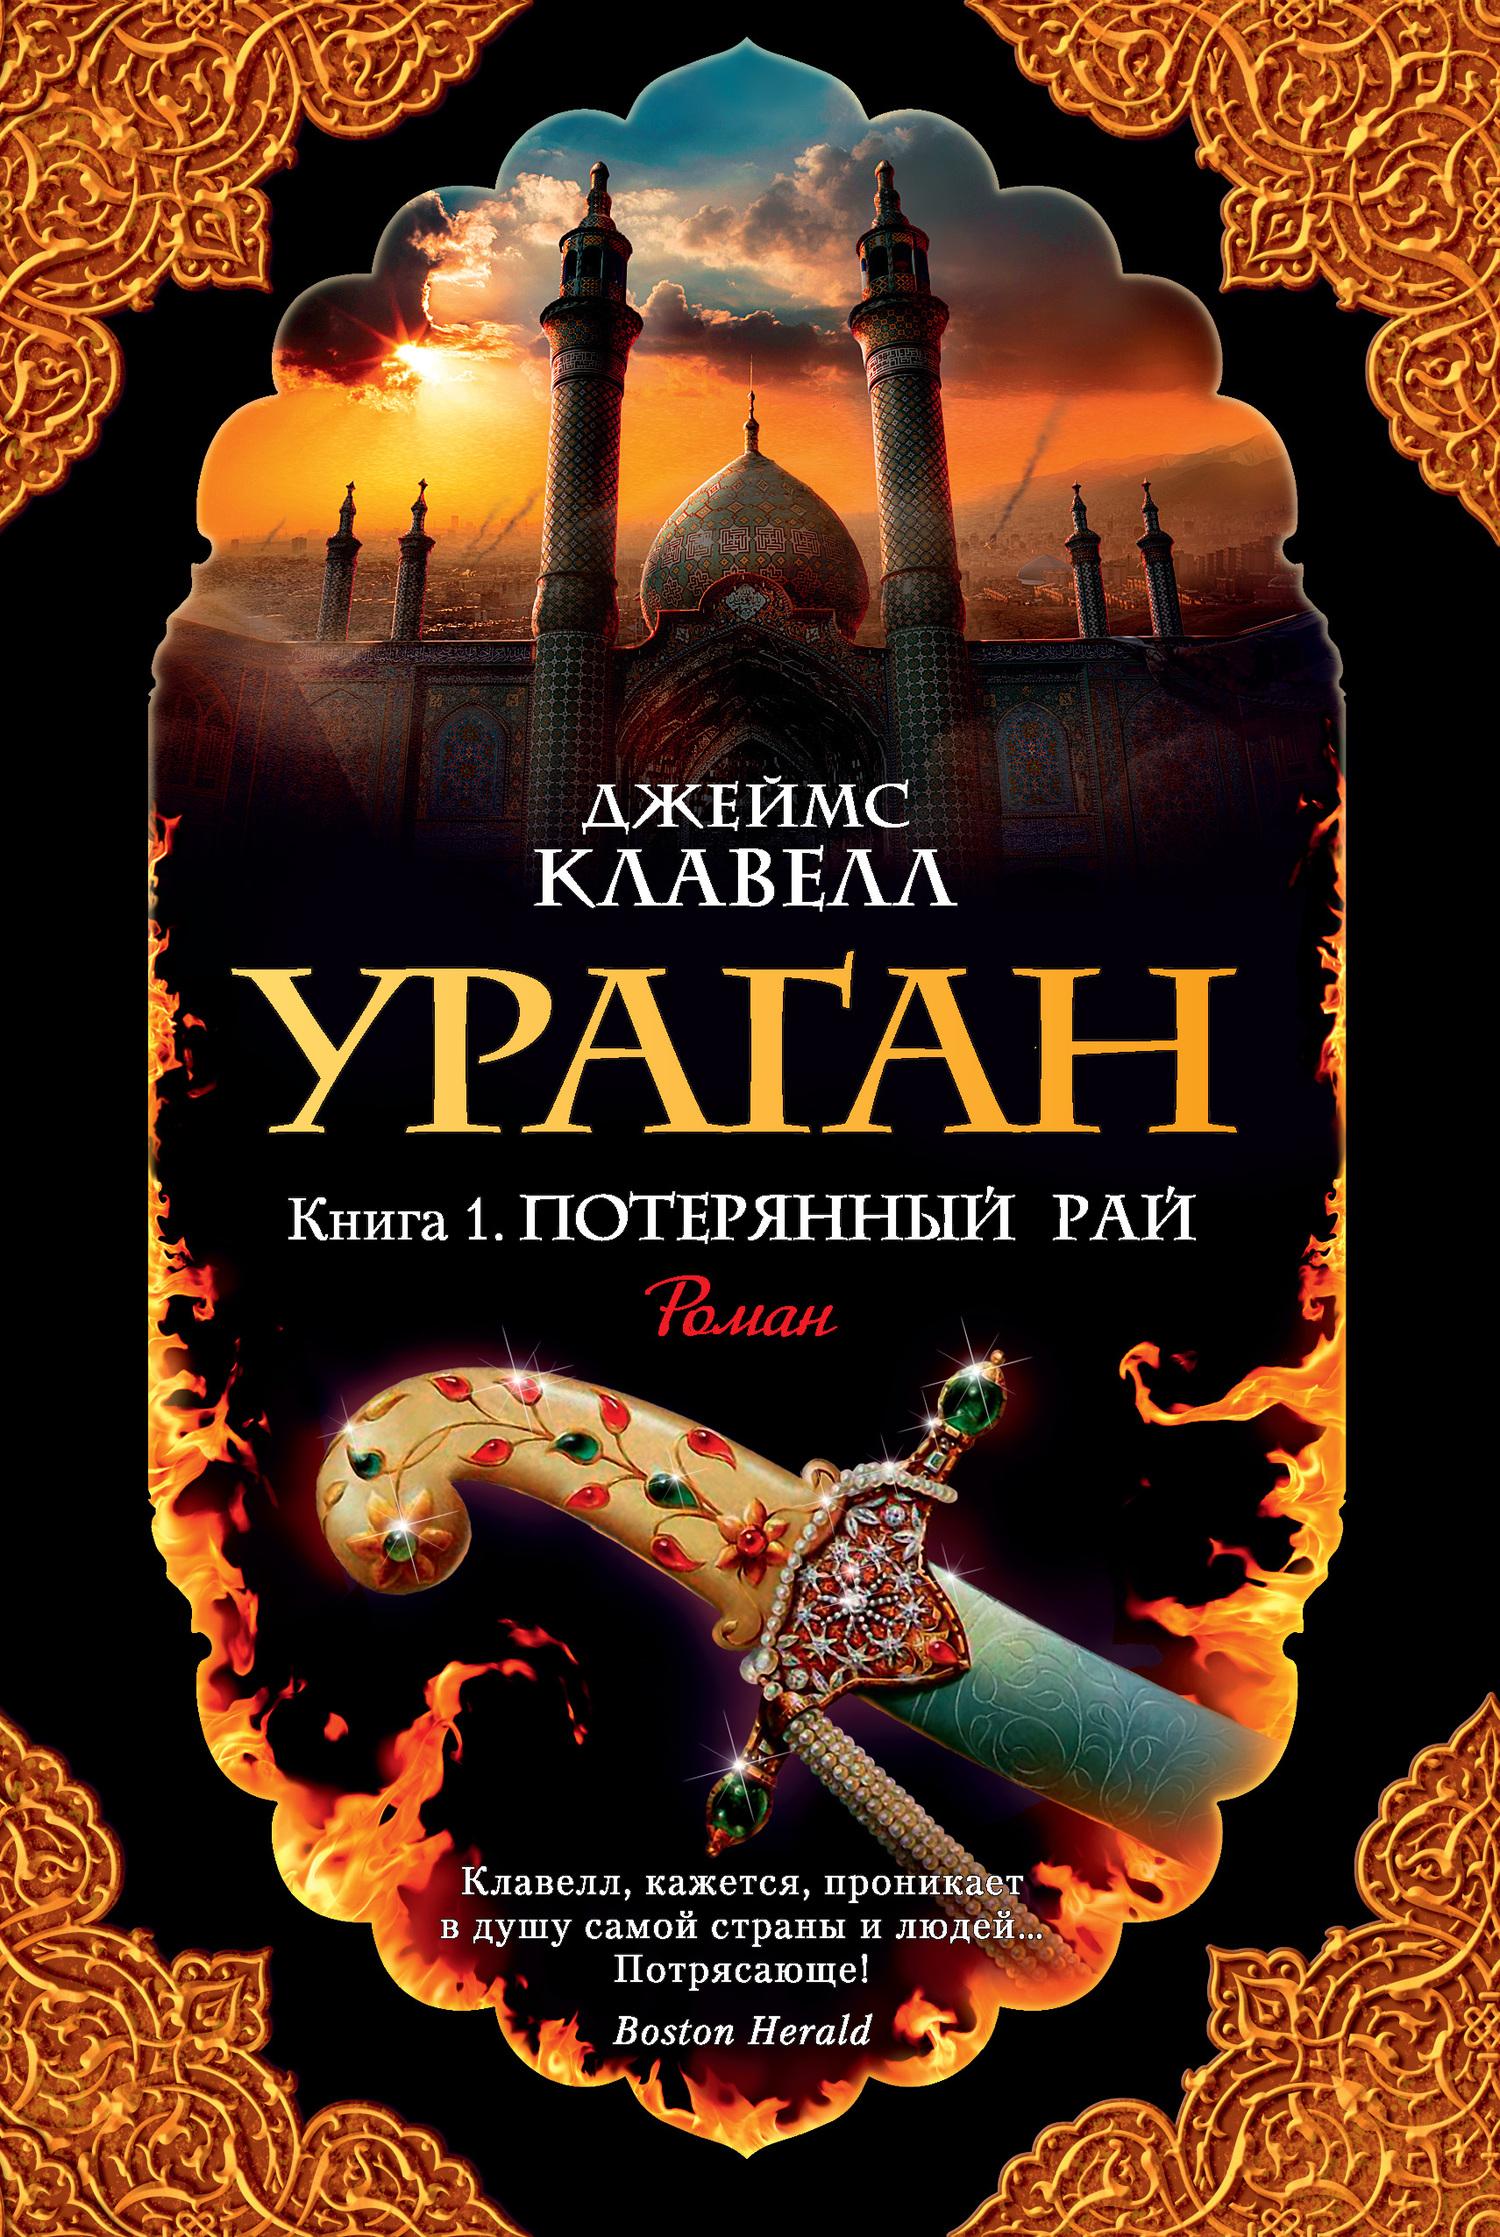 dira-dirishe-mokraya-volosatoe-zrelie-russkie-svingeri-onlayn